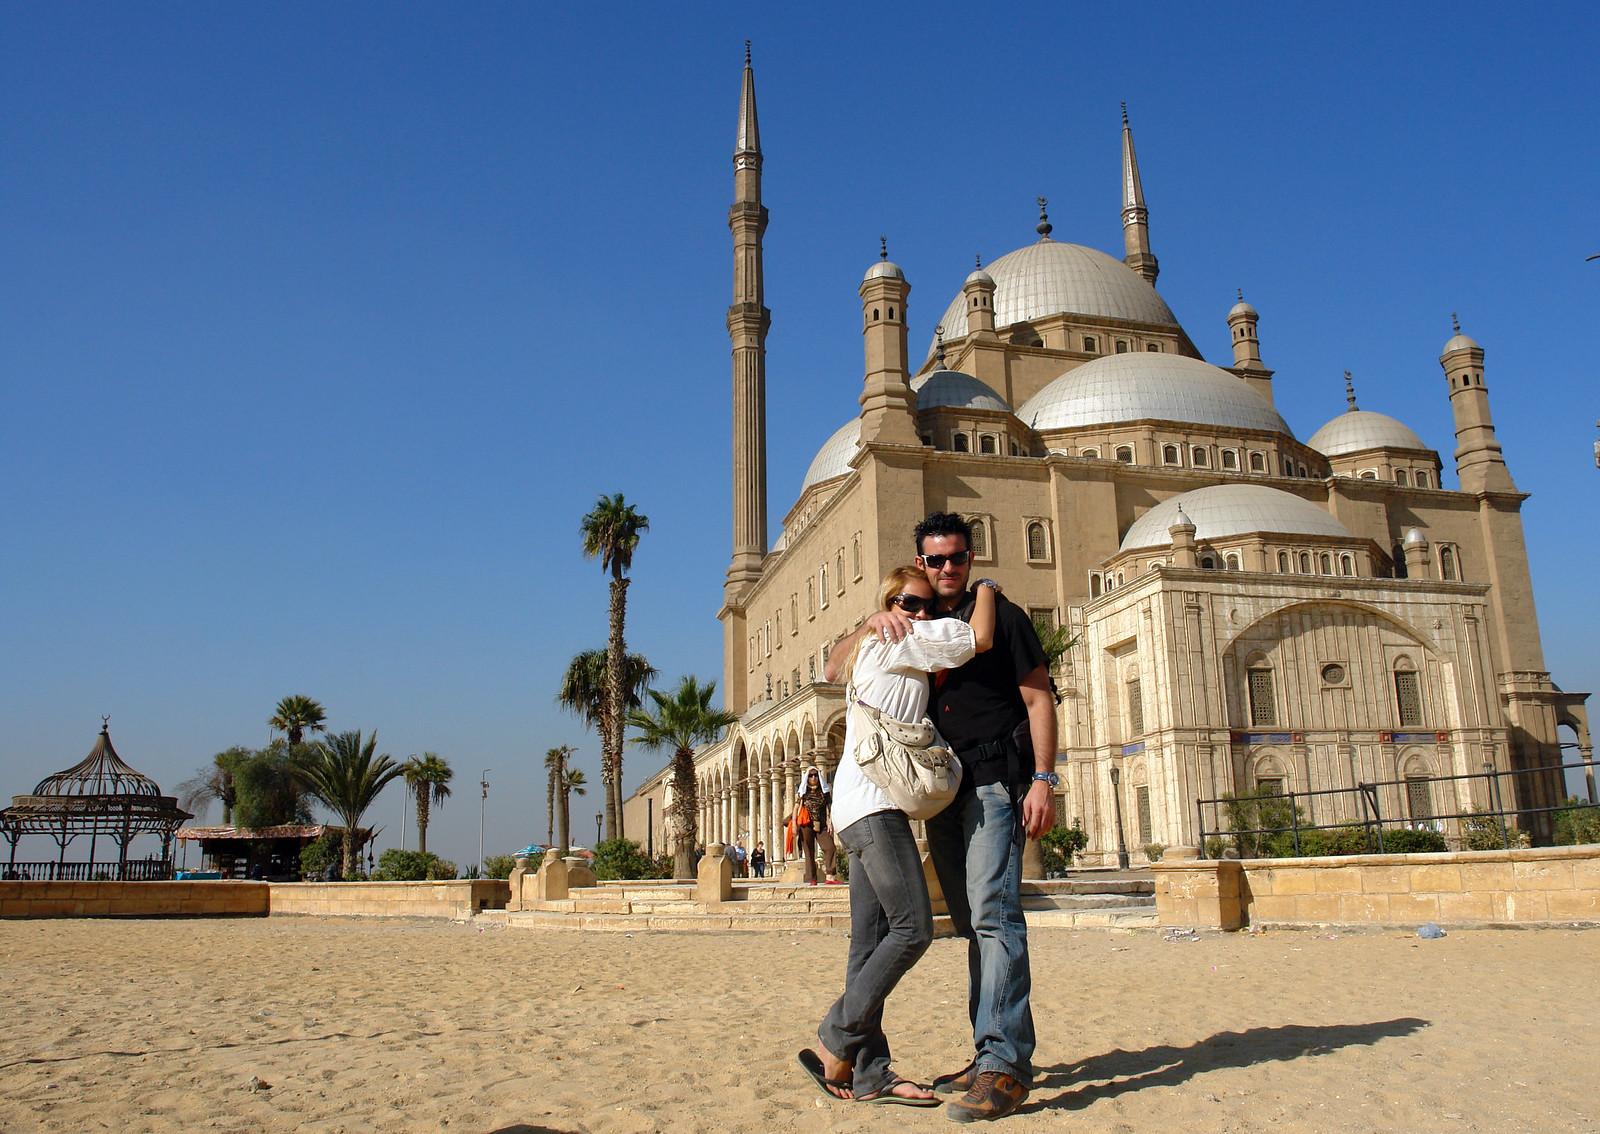 Qué ver en El Cairo, Egipto lugares que visitar en el cairo - 40100563005 5c5350cd9f h - 10+1 lugares que visitar en El Cairo